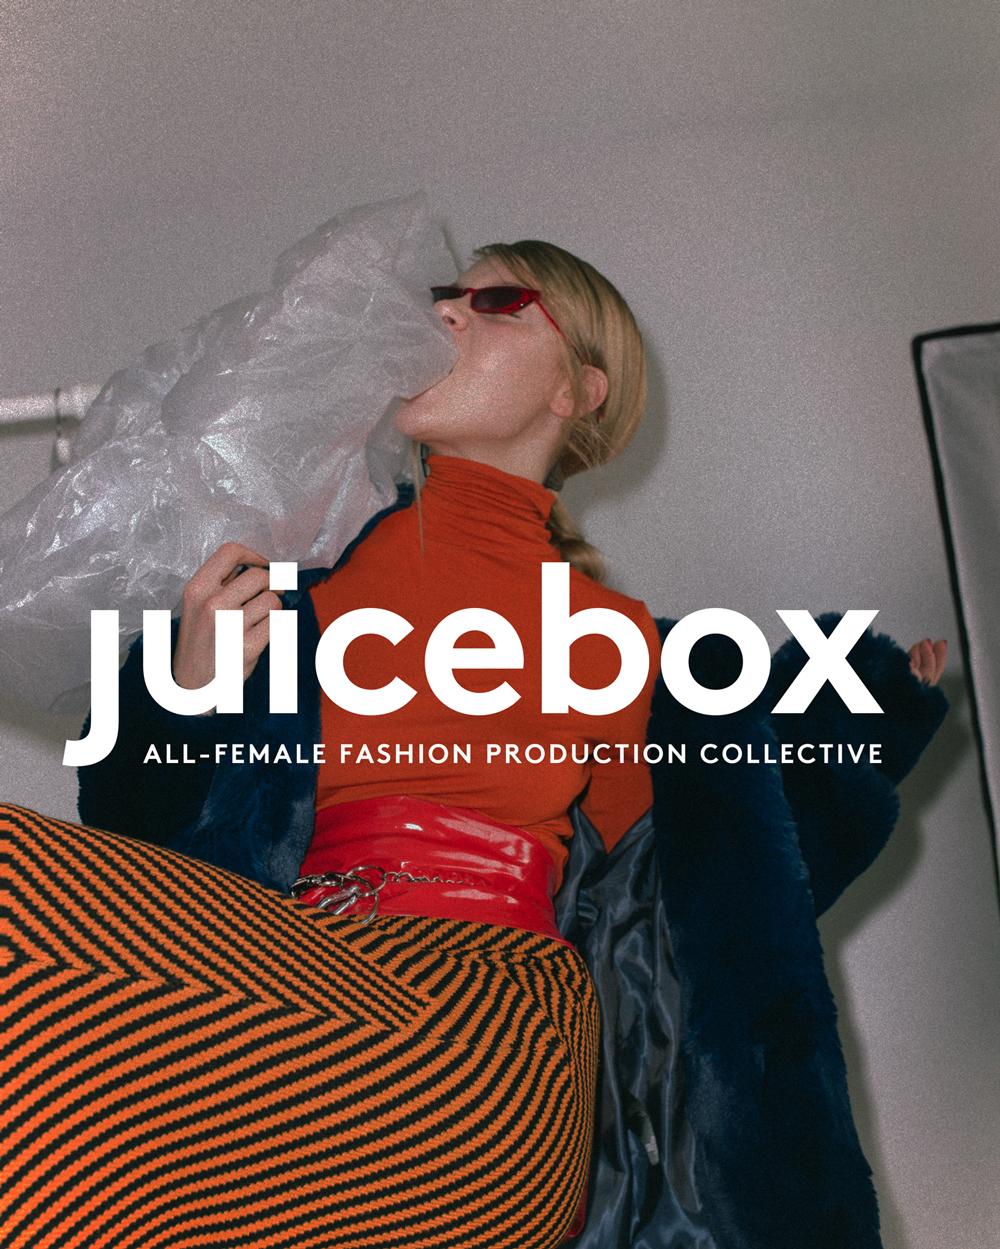 juiceboxxxx.jpg